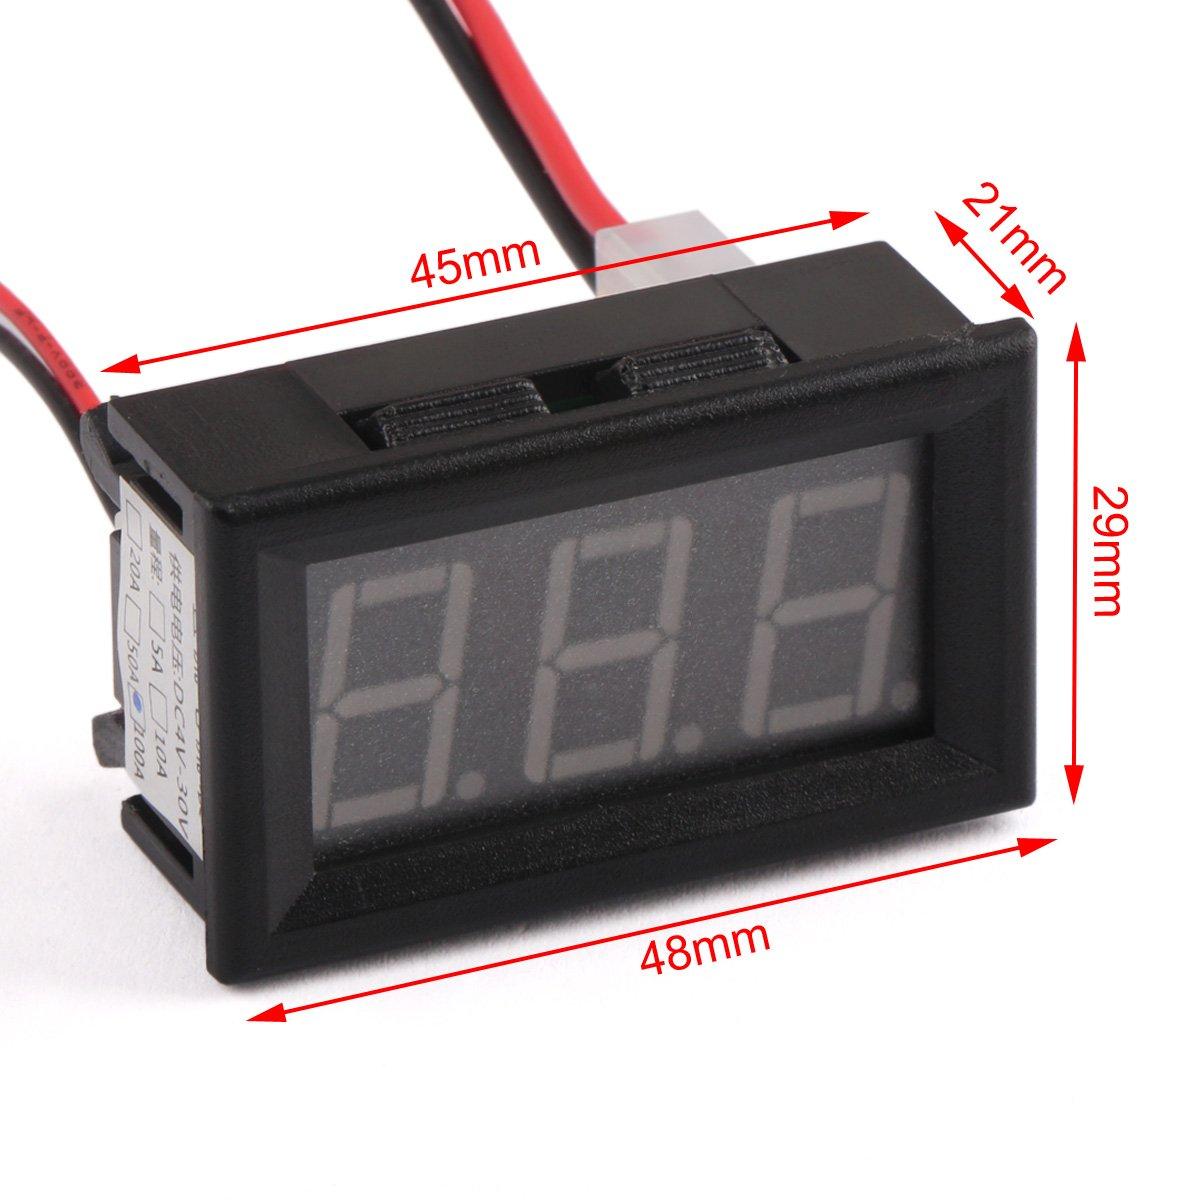 Dc Amp Meter Drok Small Digital Ammeter Gauge Ampere Voltmeter Wiring Diagram Sun Reader 056 100a Electric Current Detector 0 To 999a Amperage Tester Panel Blue Led